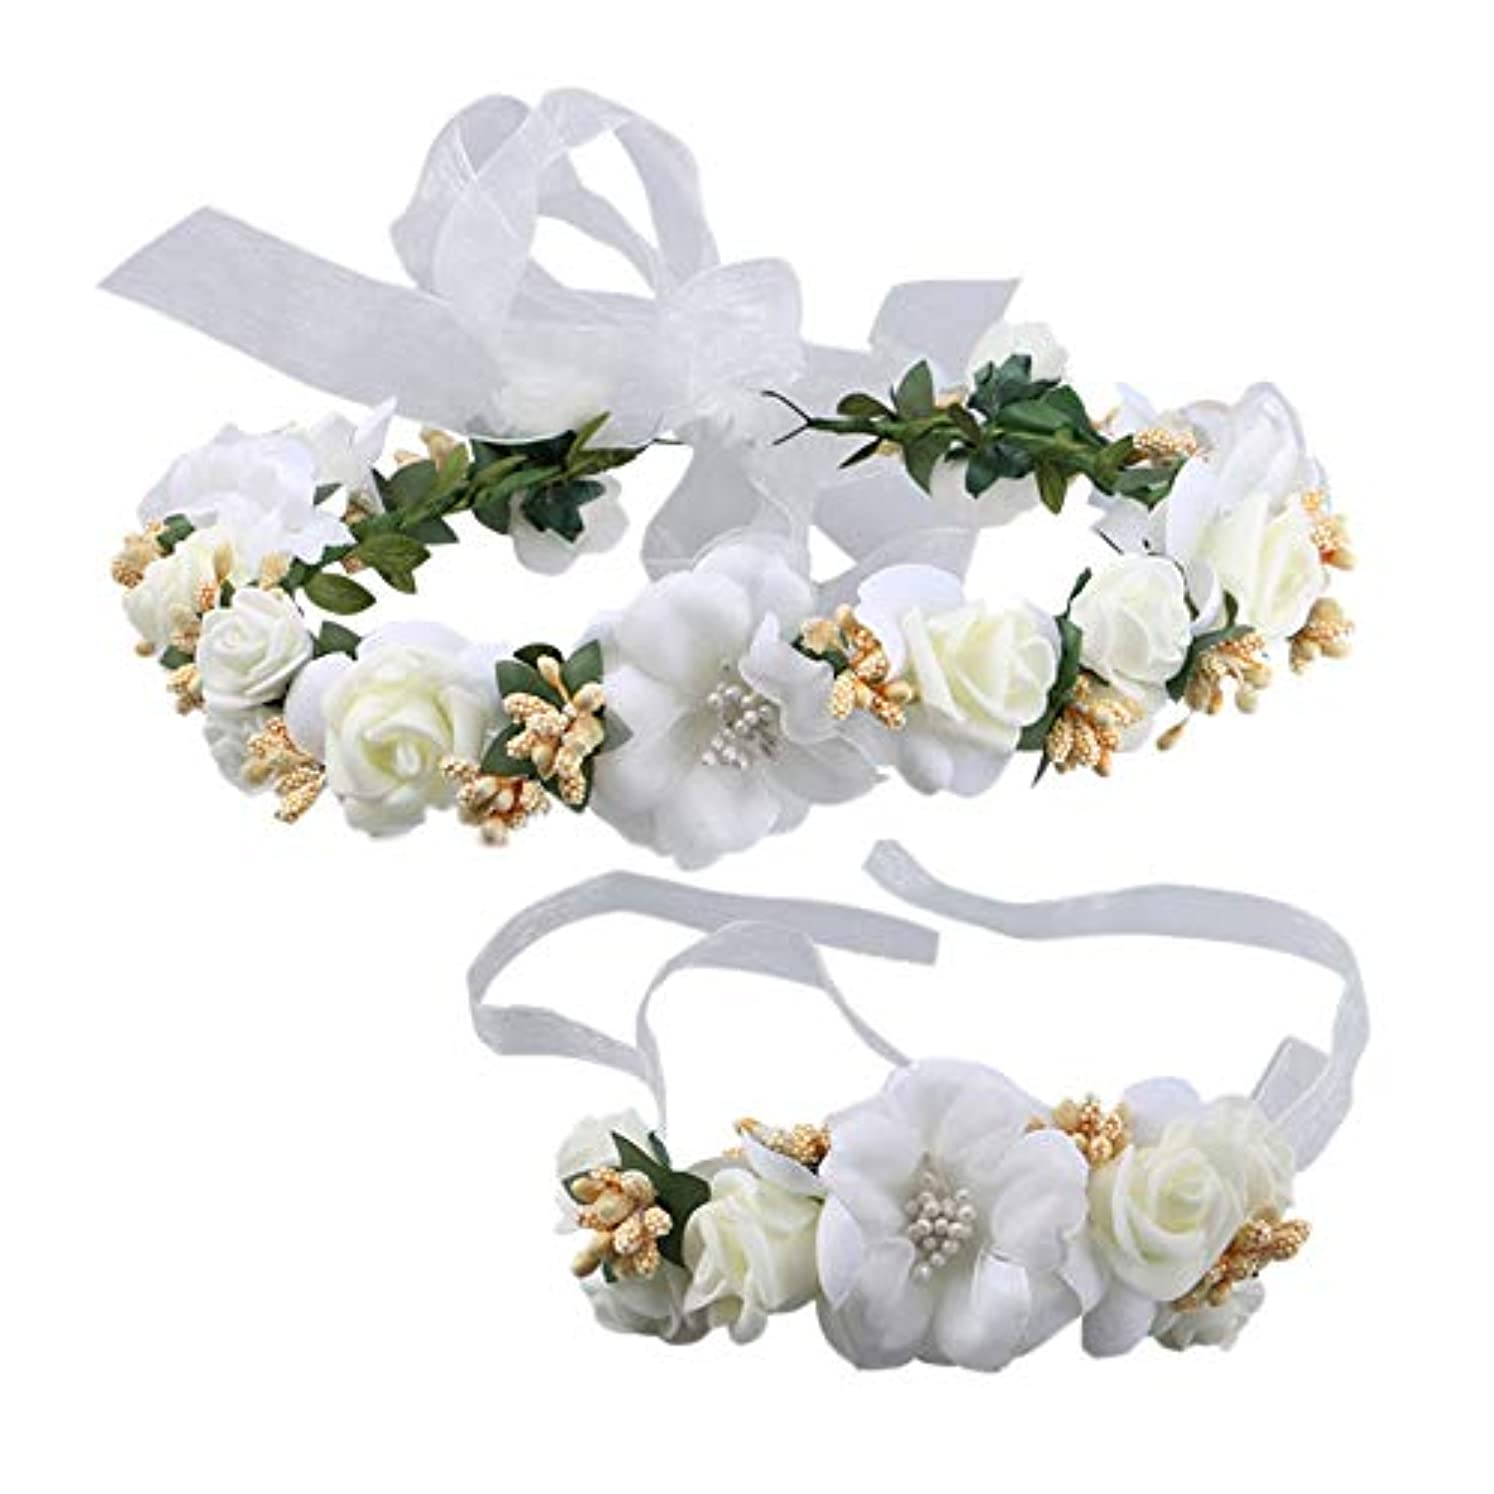 厄介なストリップペチュランスMerssavo ブライダルリース+手首の花韓国の海辺の花嫁介添人ティアラヘアフープウェディングアクセサリー